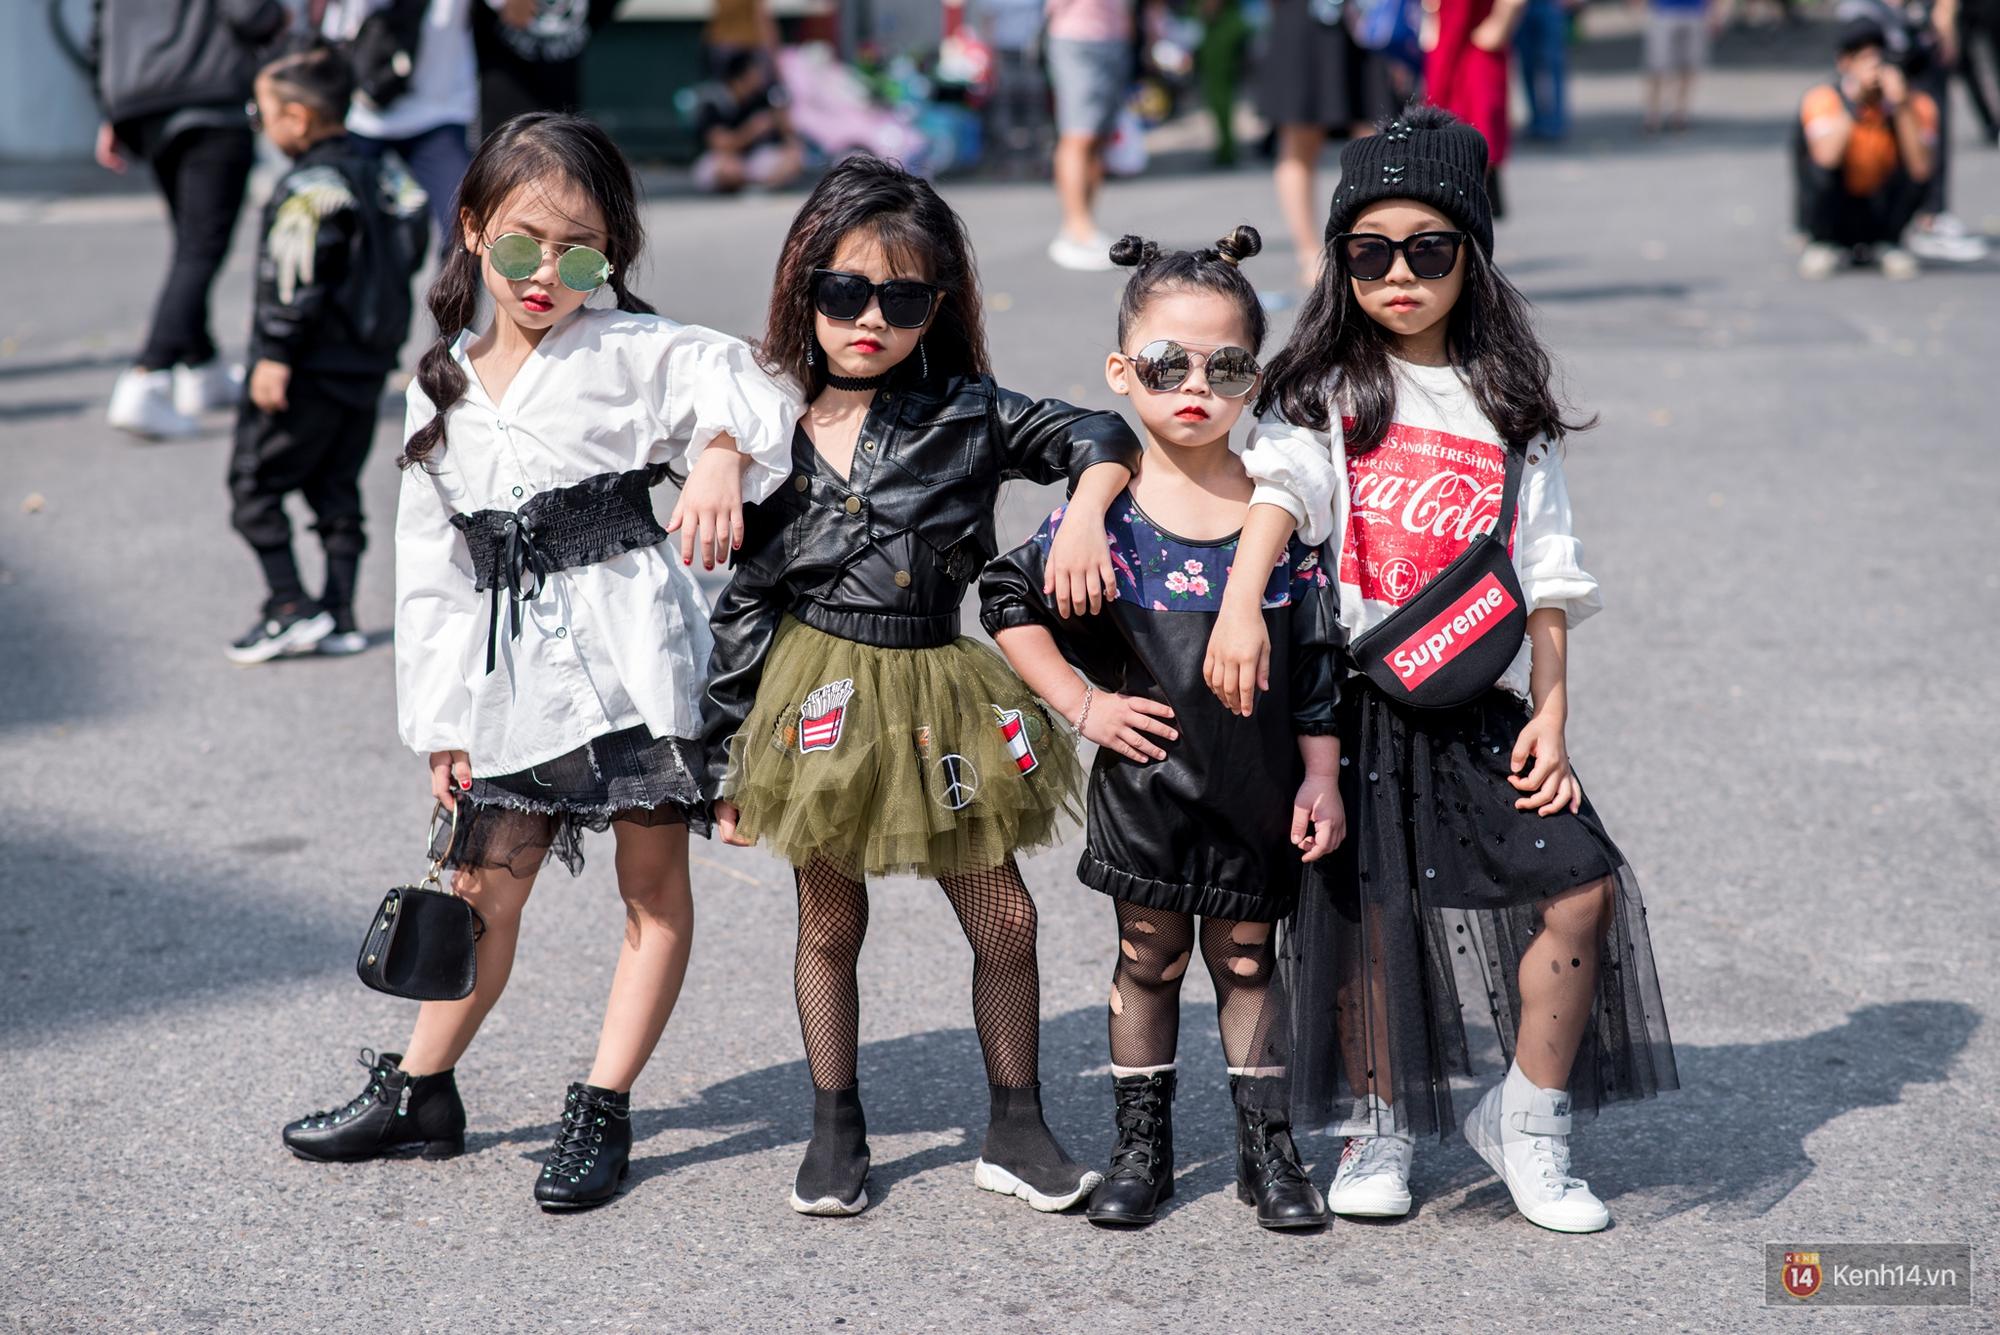 Street style ngày đầu VIFW: Giới trẻ Hà Nội ăn vận lồng lộn hơn hẳn năm trước, các nhóc tì mặc chất gây bão phố đi bộ - Ảnh 22.